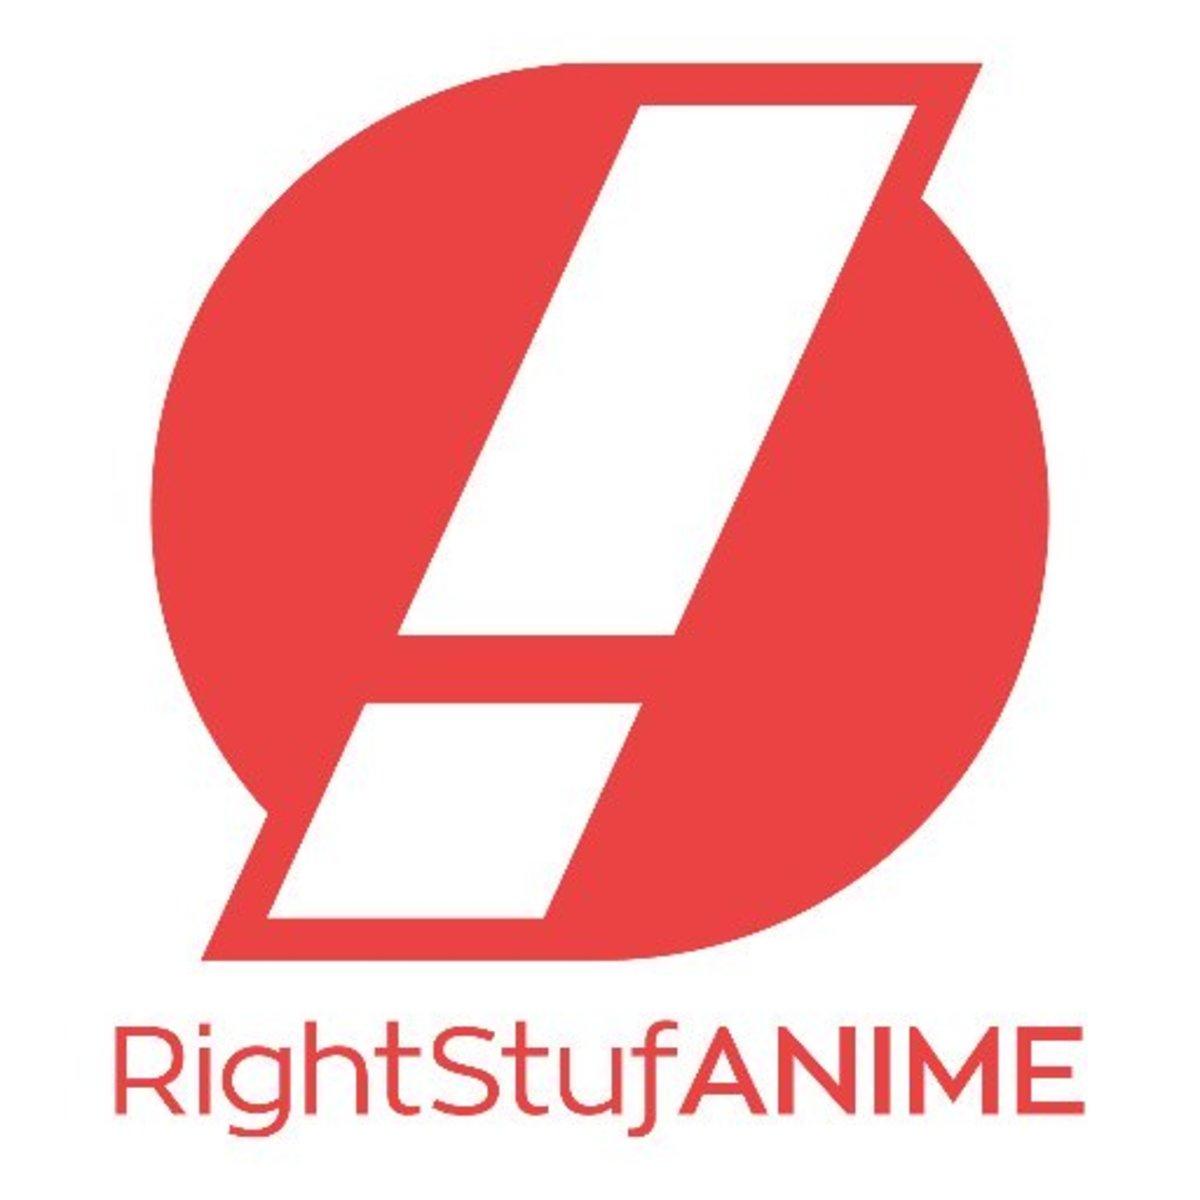 RightStufAnime's logo.